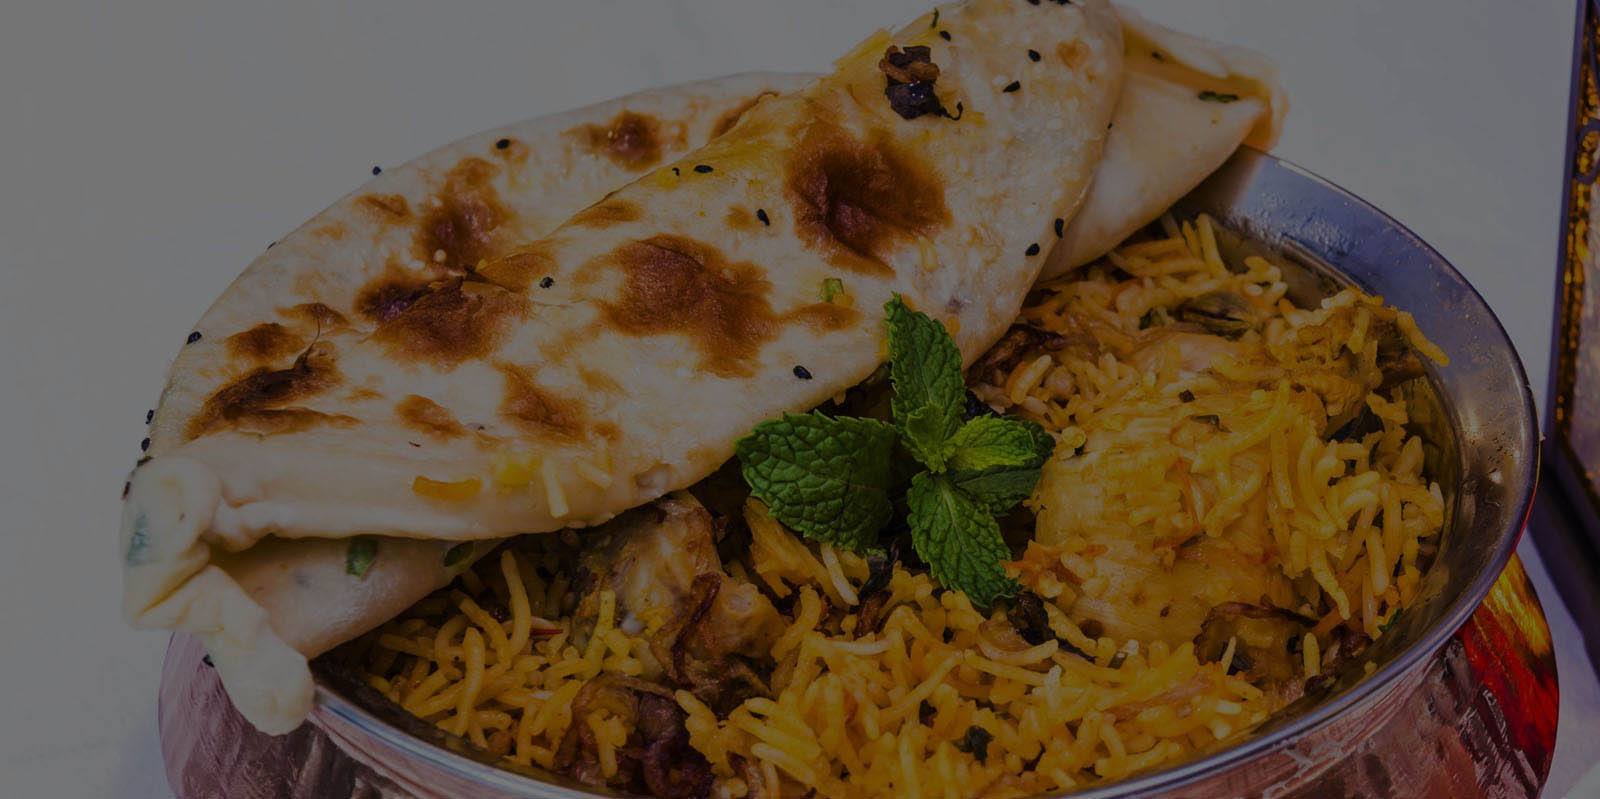 Rice & Naan